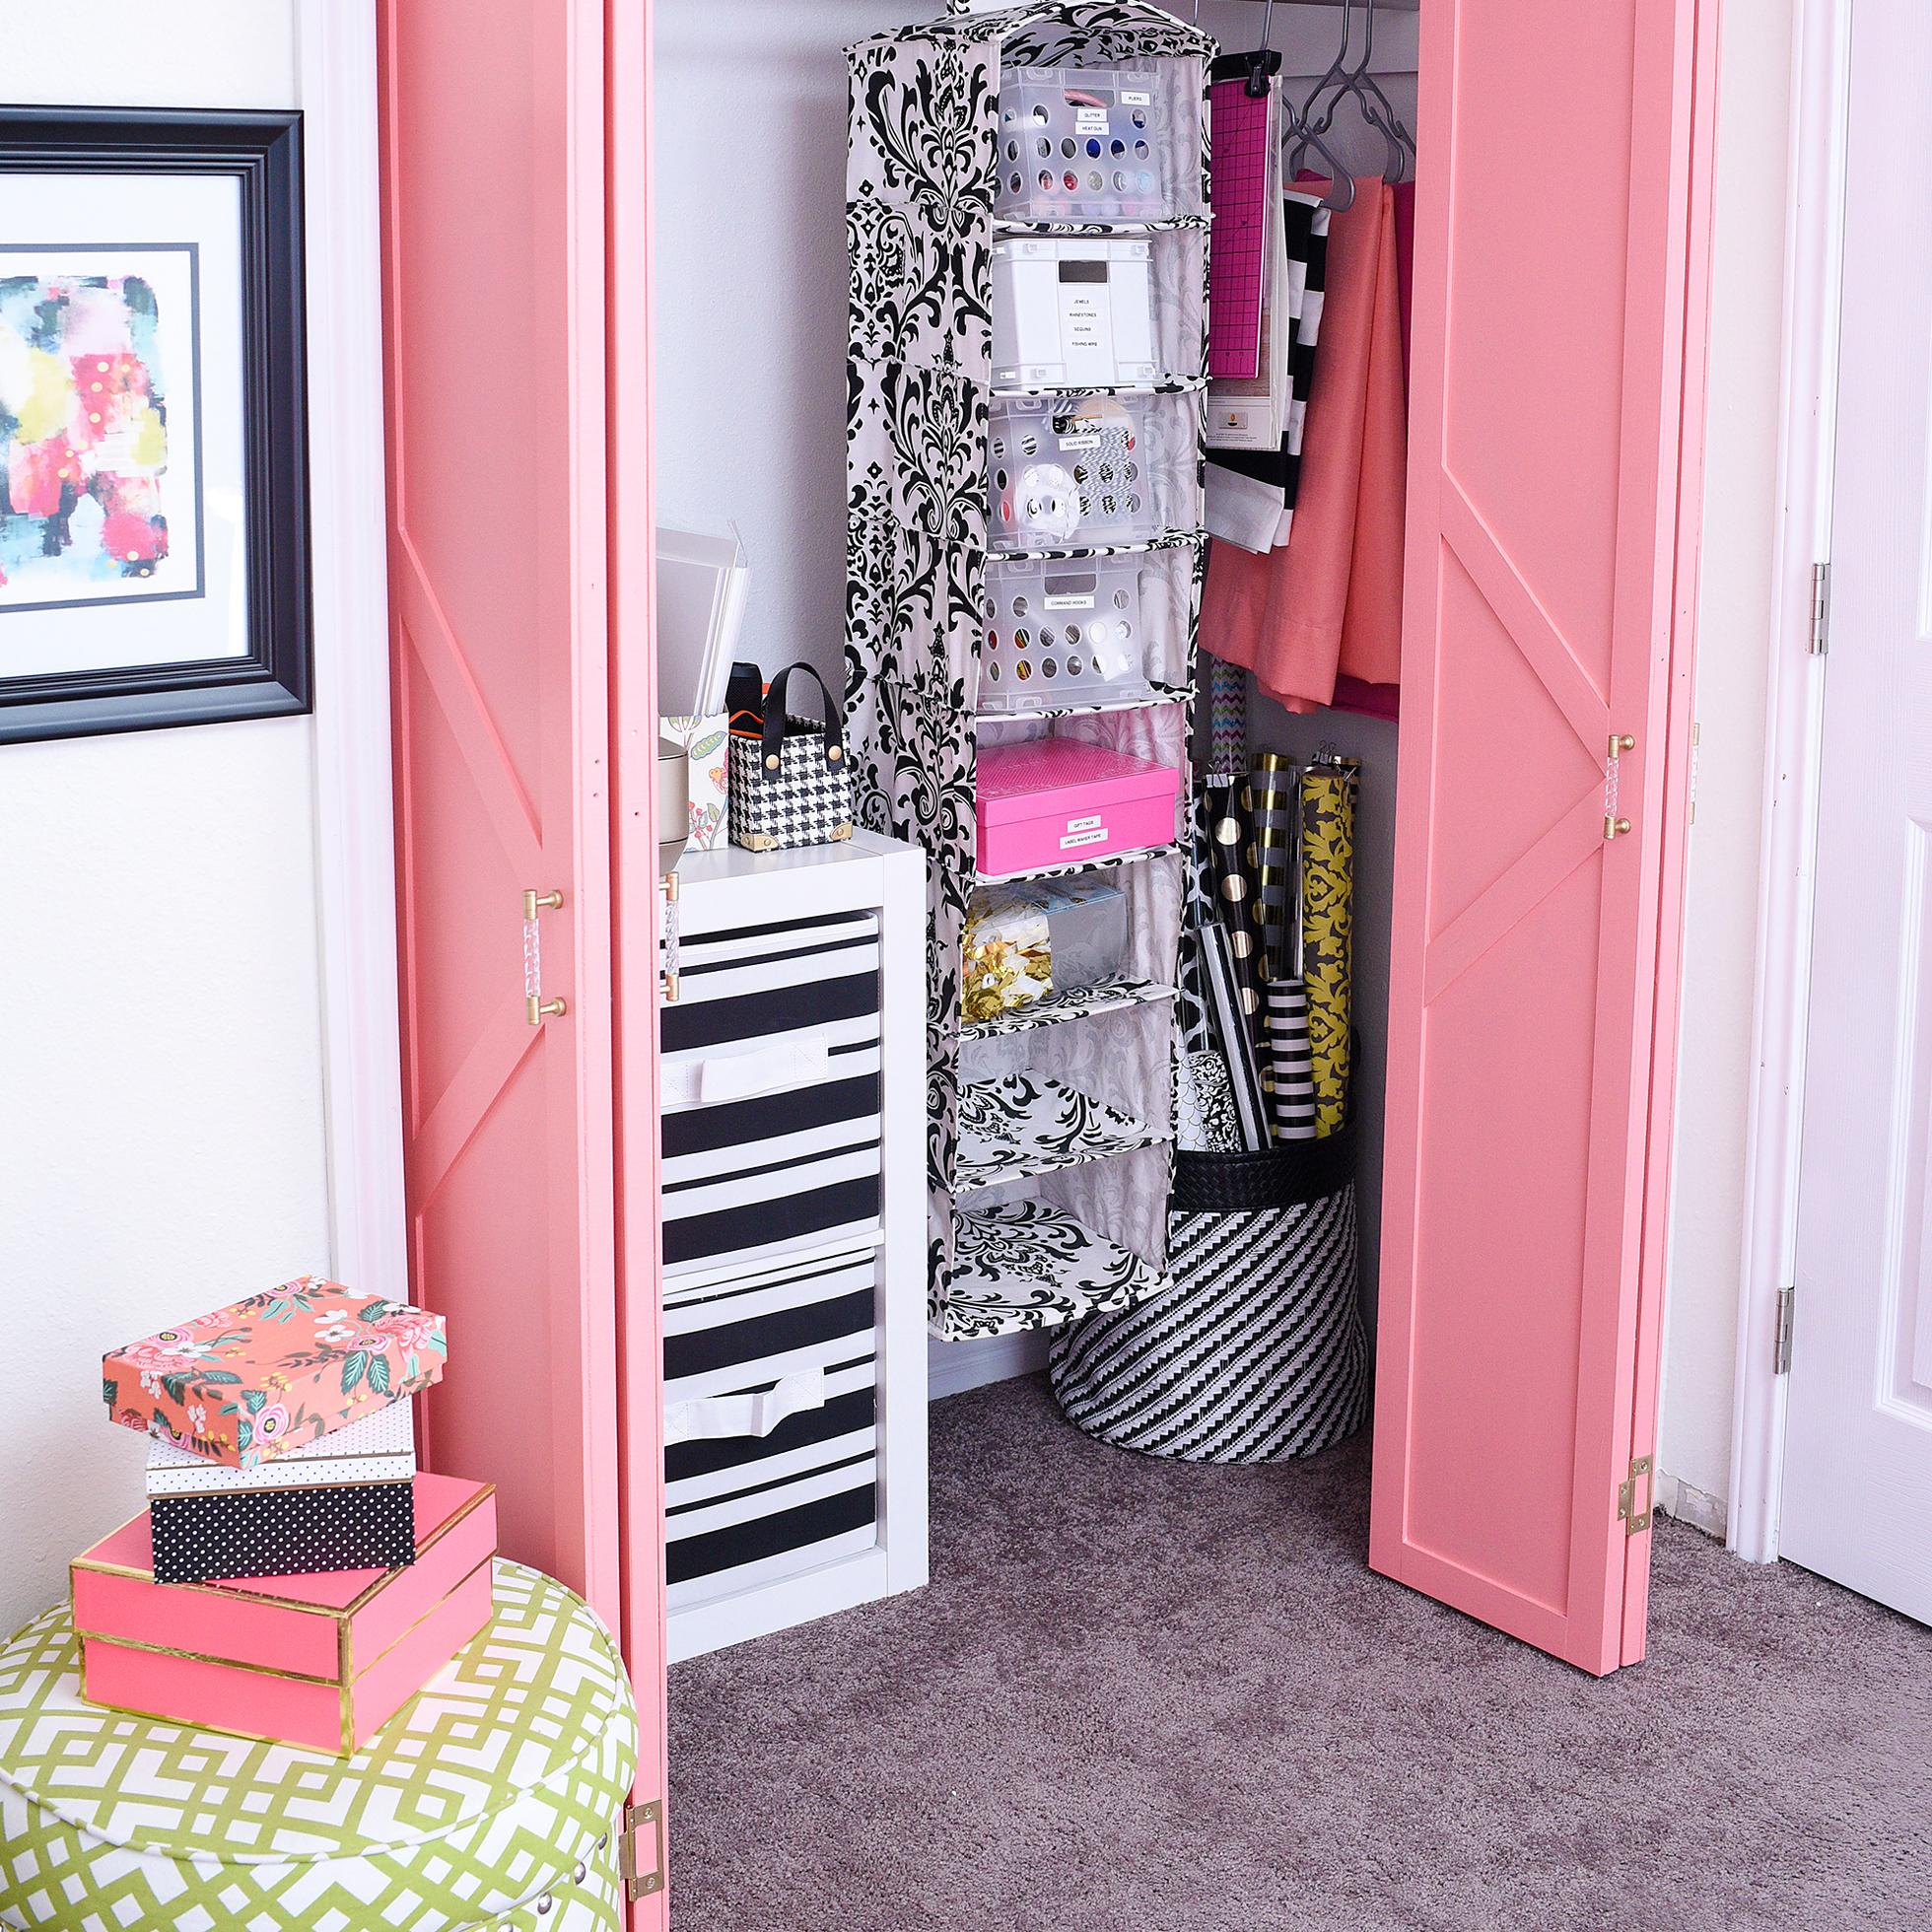 Pink bi-fold closet doors